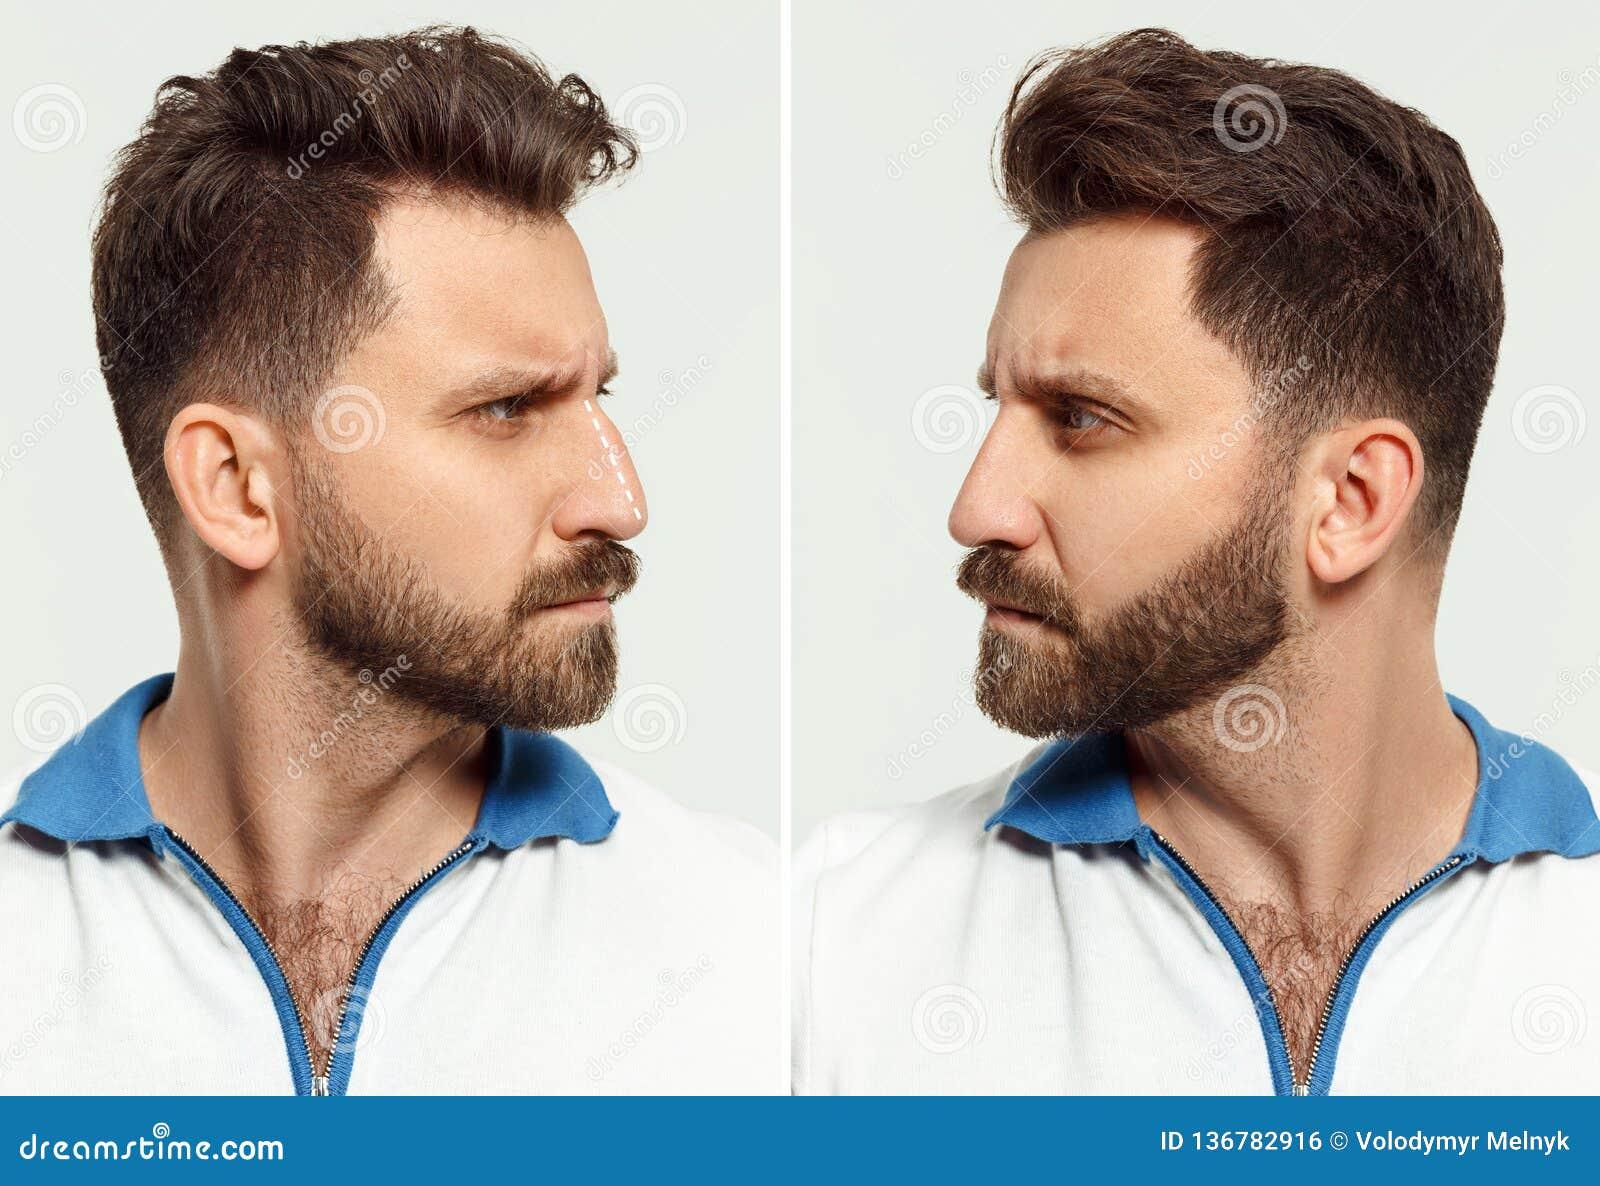 Het mannelijke gezicht before and after kosmetische neuschirurgie Over witte achtergrond